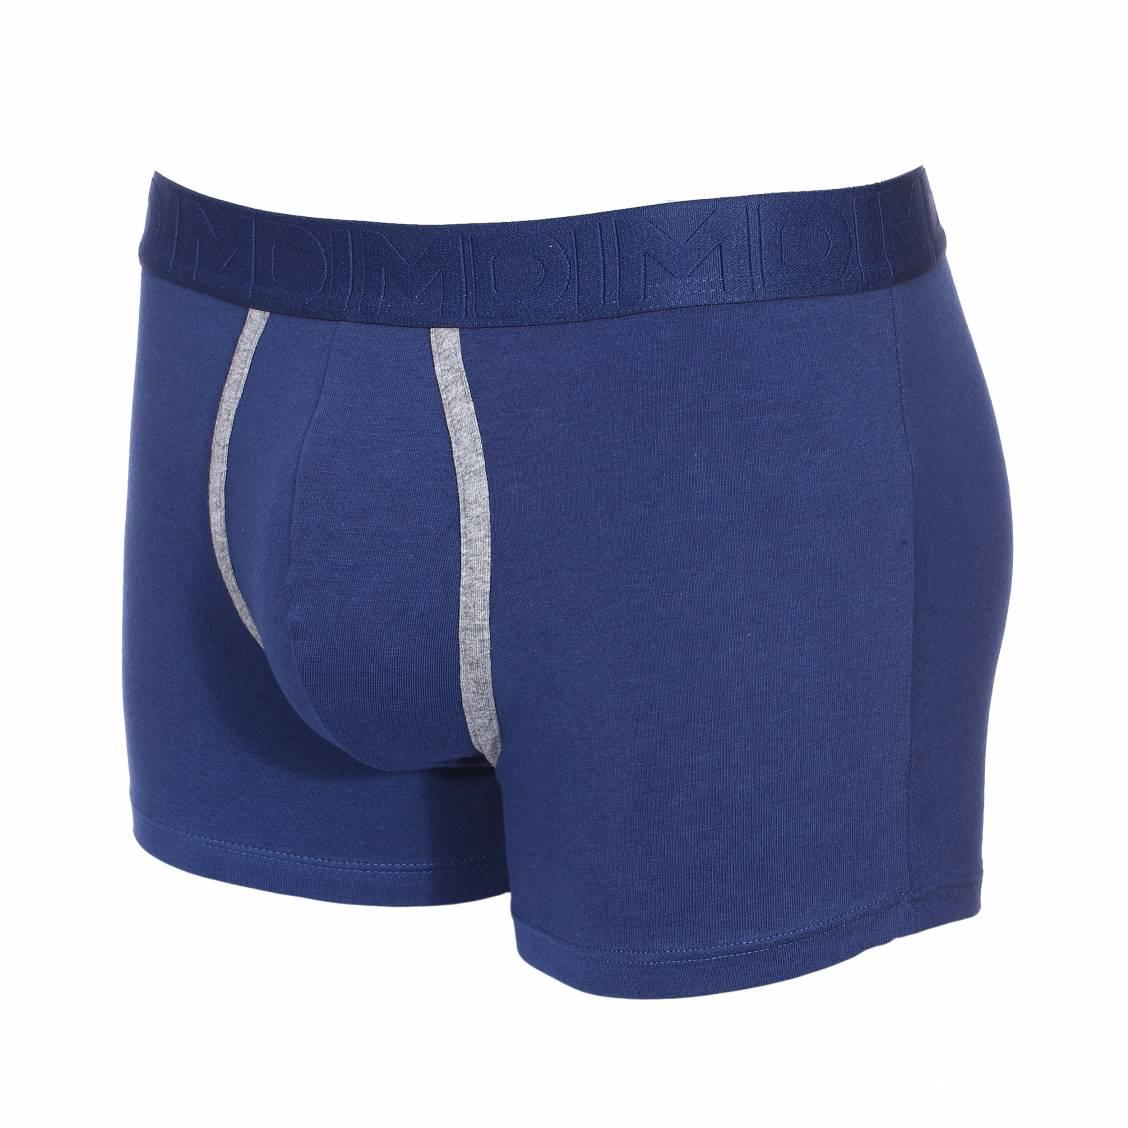 lot de 2 boxers dim mix fancy en coton stretch gris chin et bleu marine rue des hommes. Black Bedroom Furniture Sets. Home Design Ideas